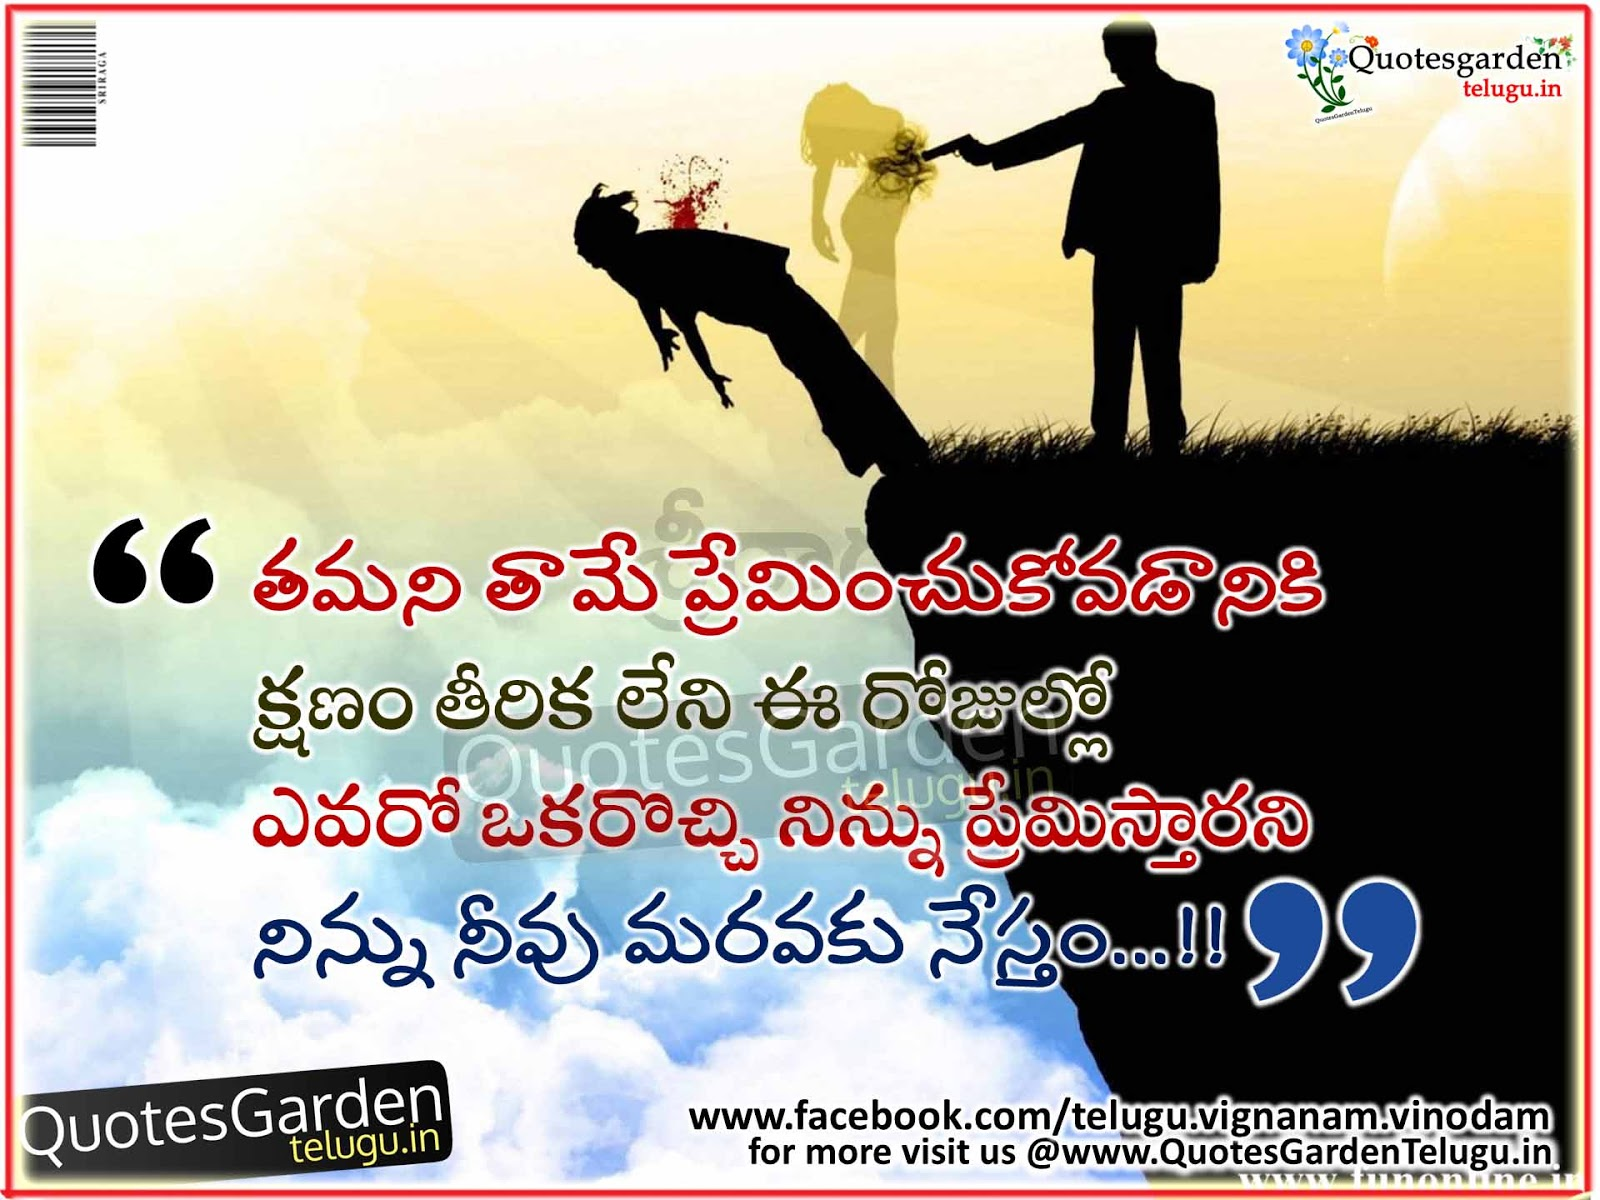 latest life and love quotes telugu quotes garden telugu